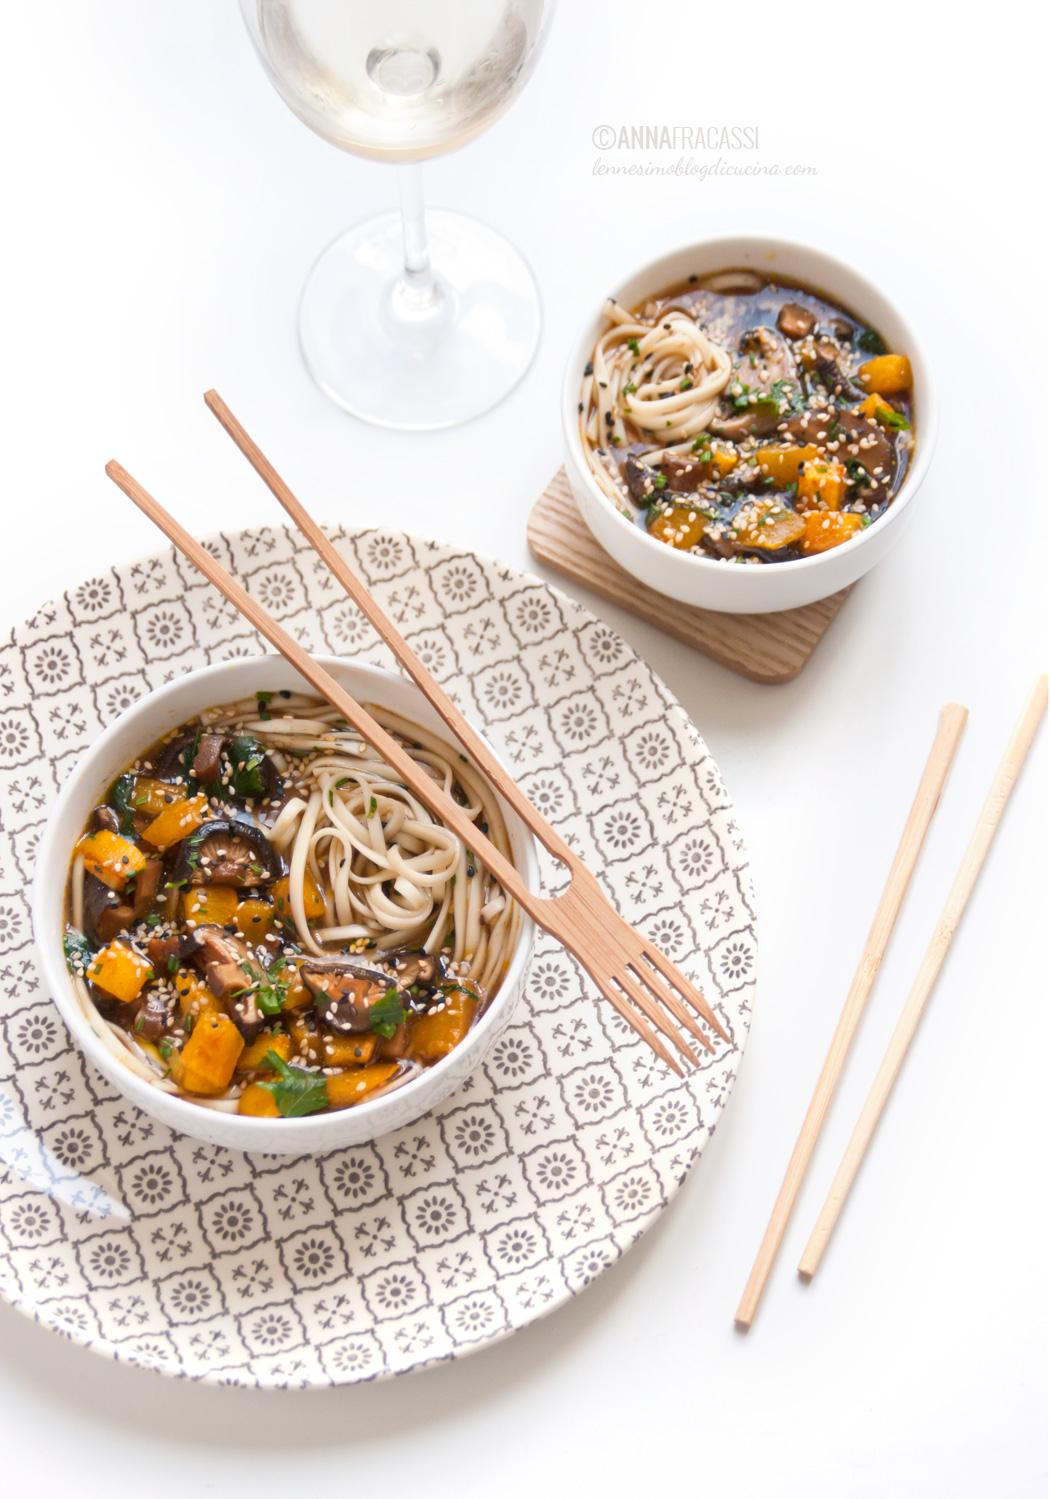 La zuppa di miso con zucca di Giulia e qualche fungo shiitake